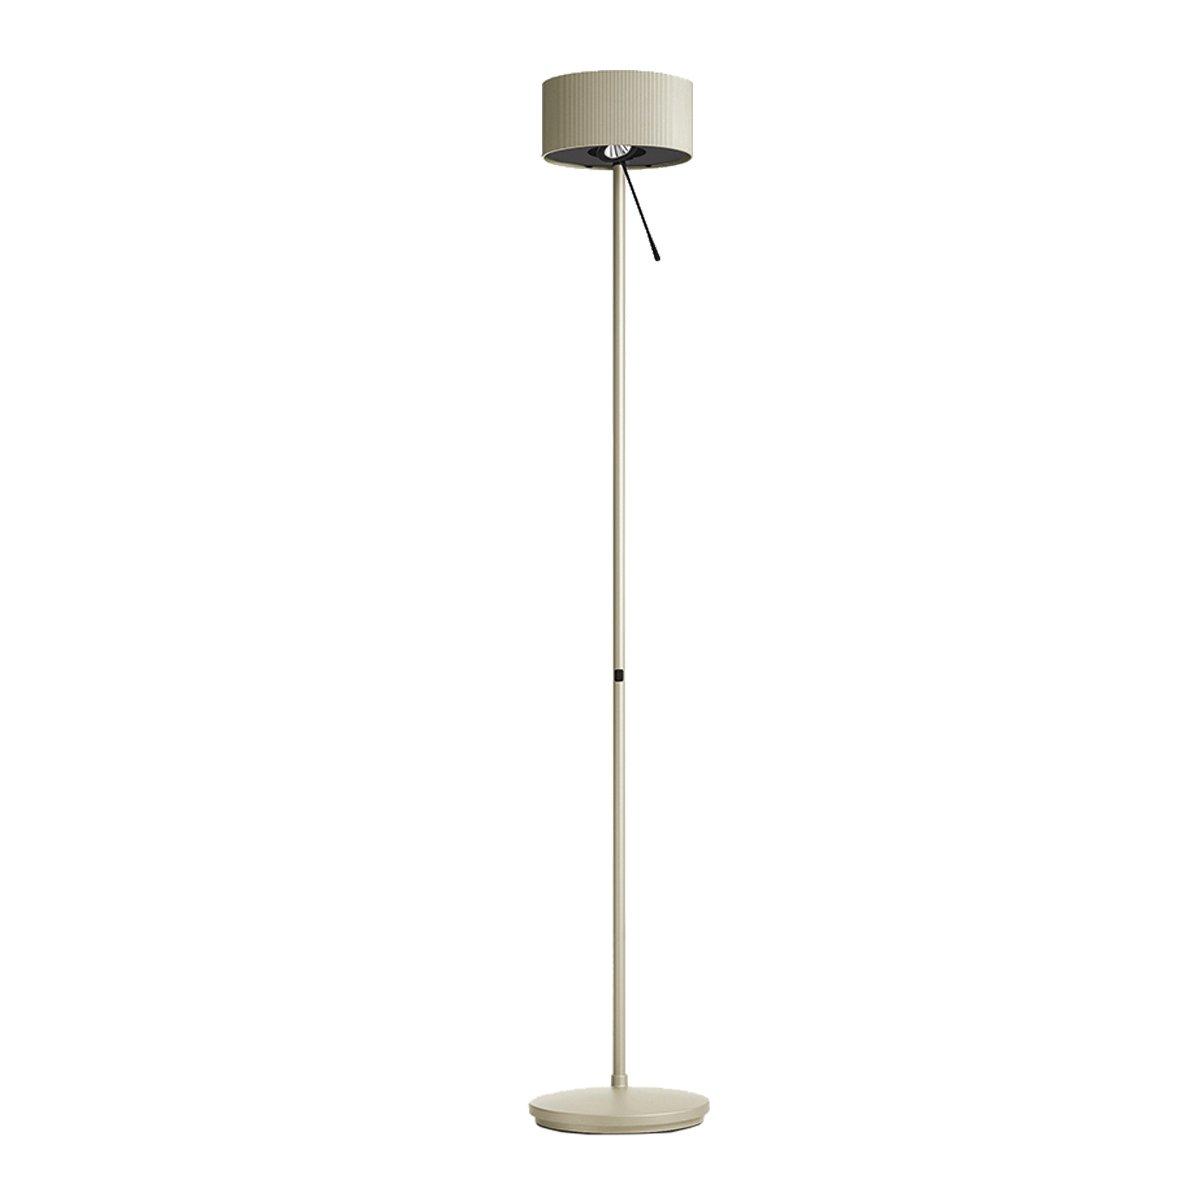 Diogenes Vloerlamp Goud/Grijs - Belux